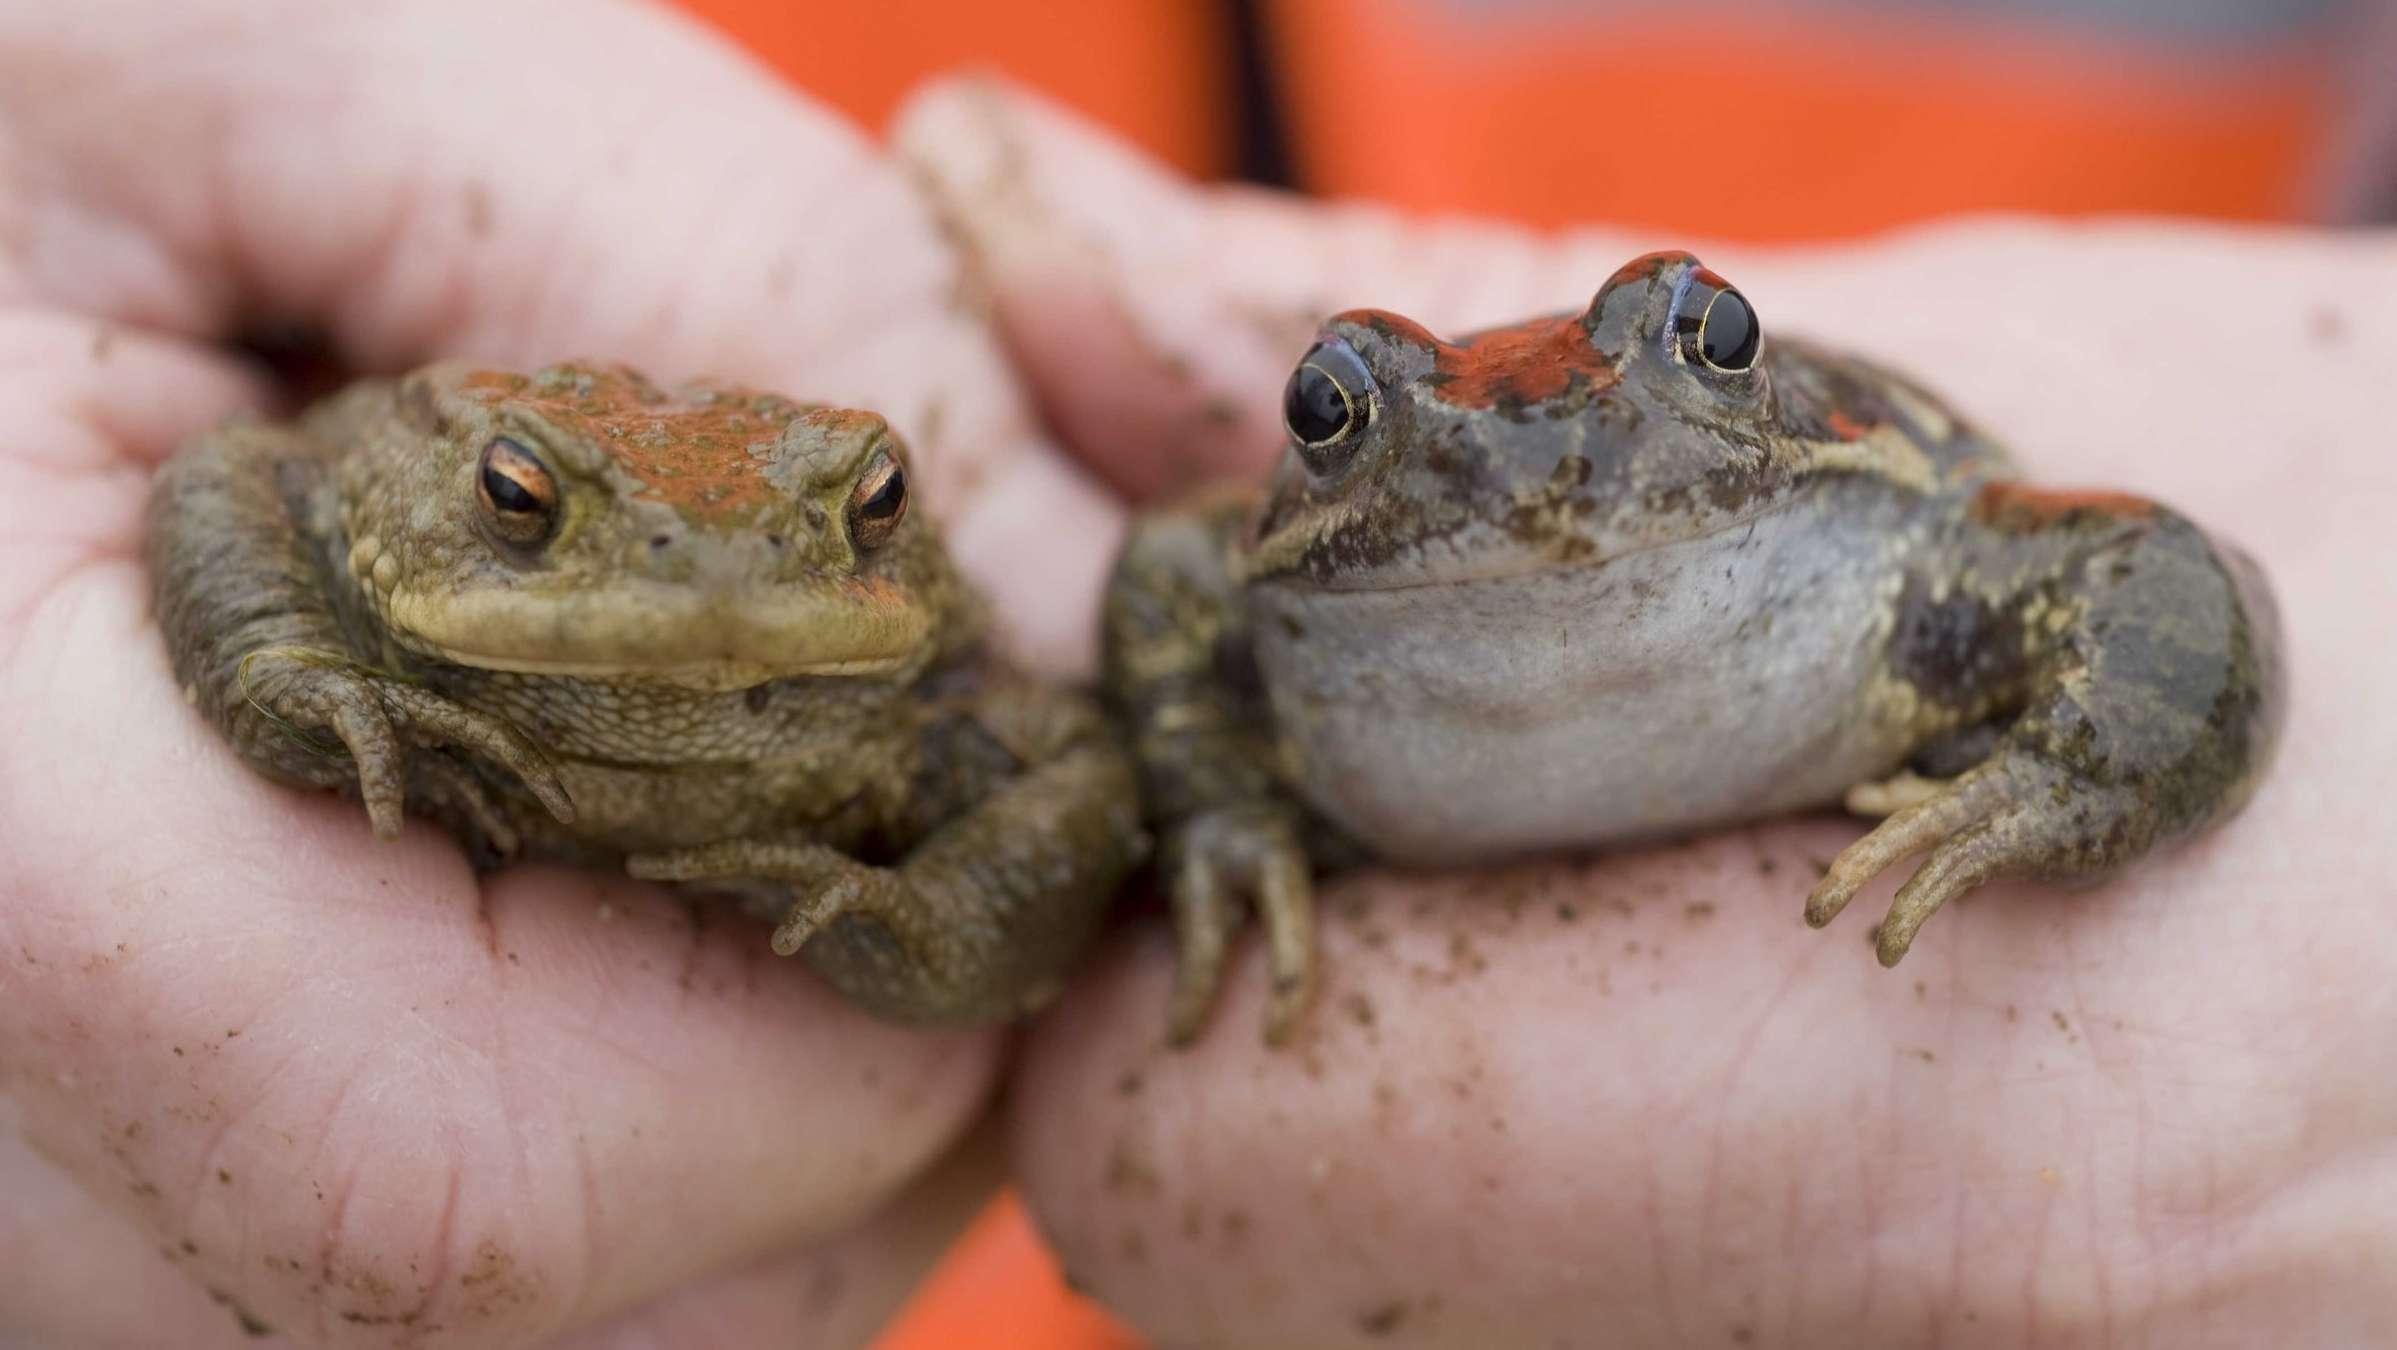 In Bayern gibt es immer weniger Amphibien. Frösche, Kröten und Molche werden selten.